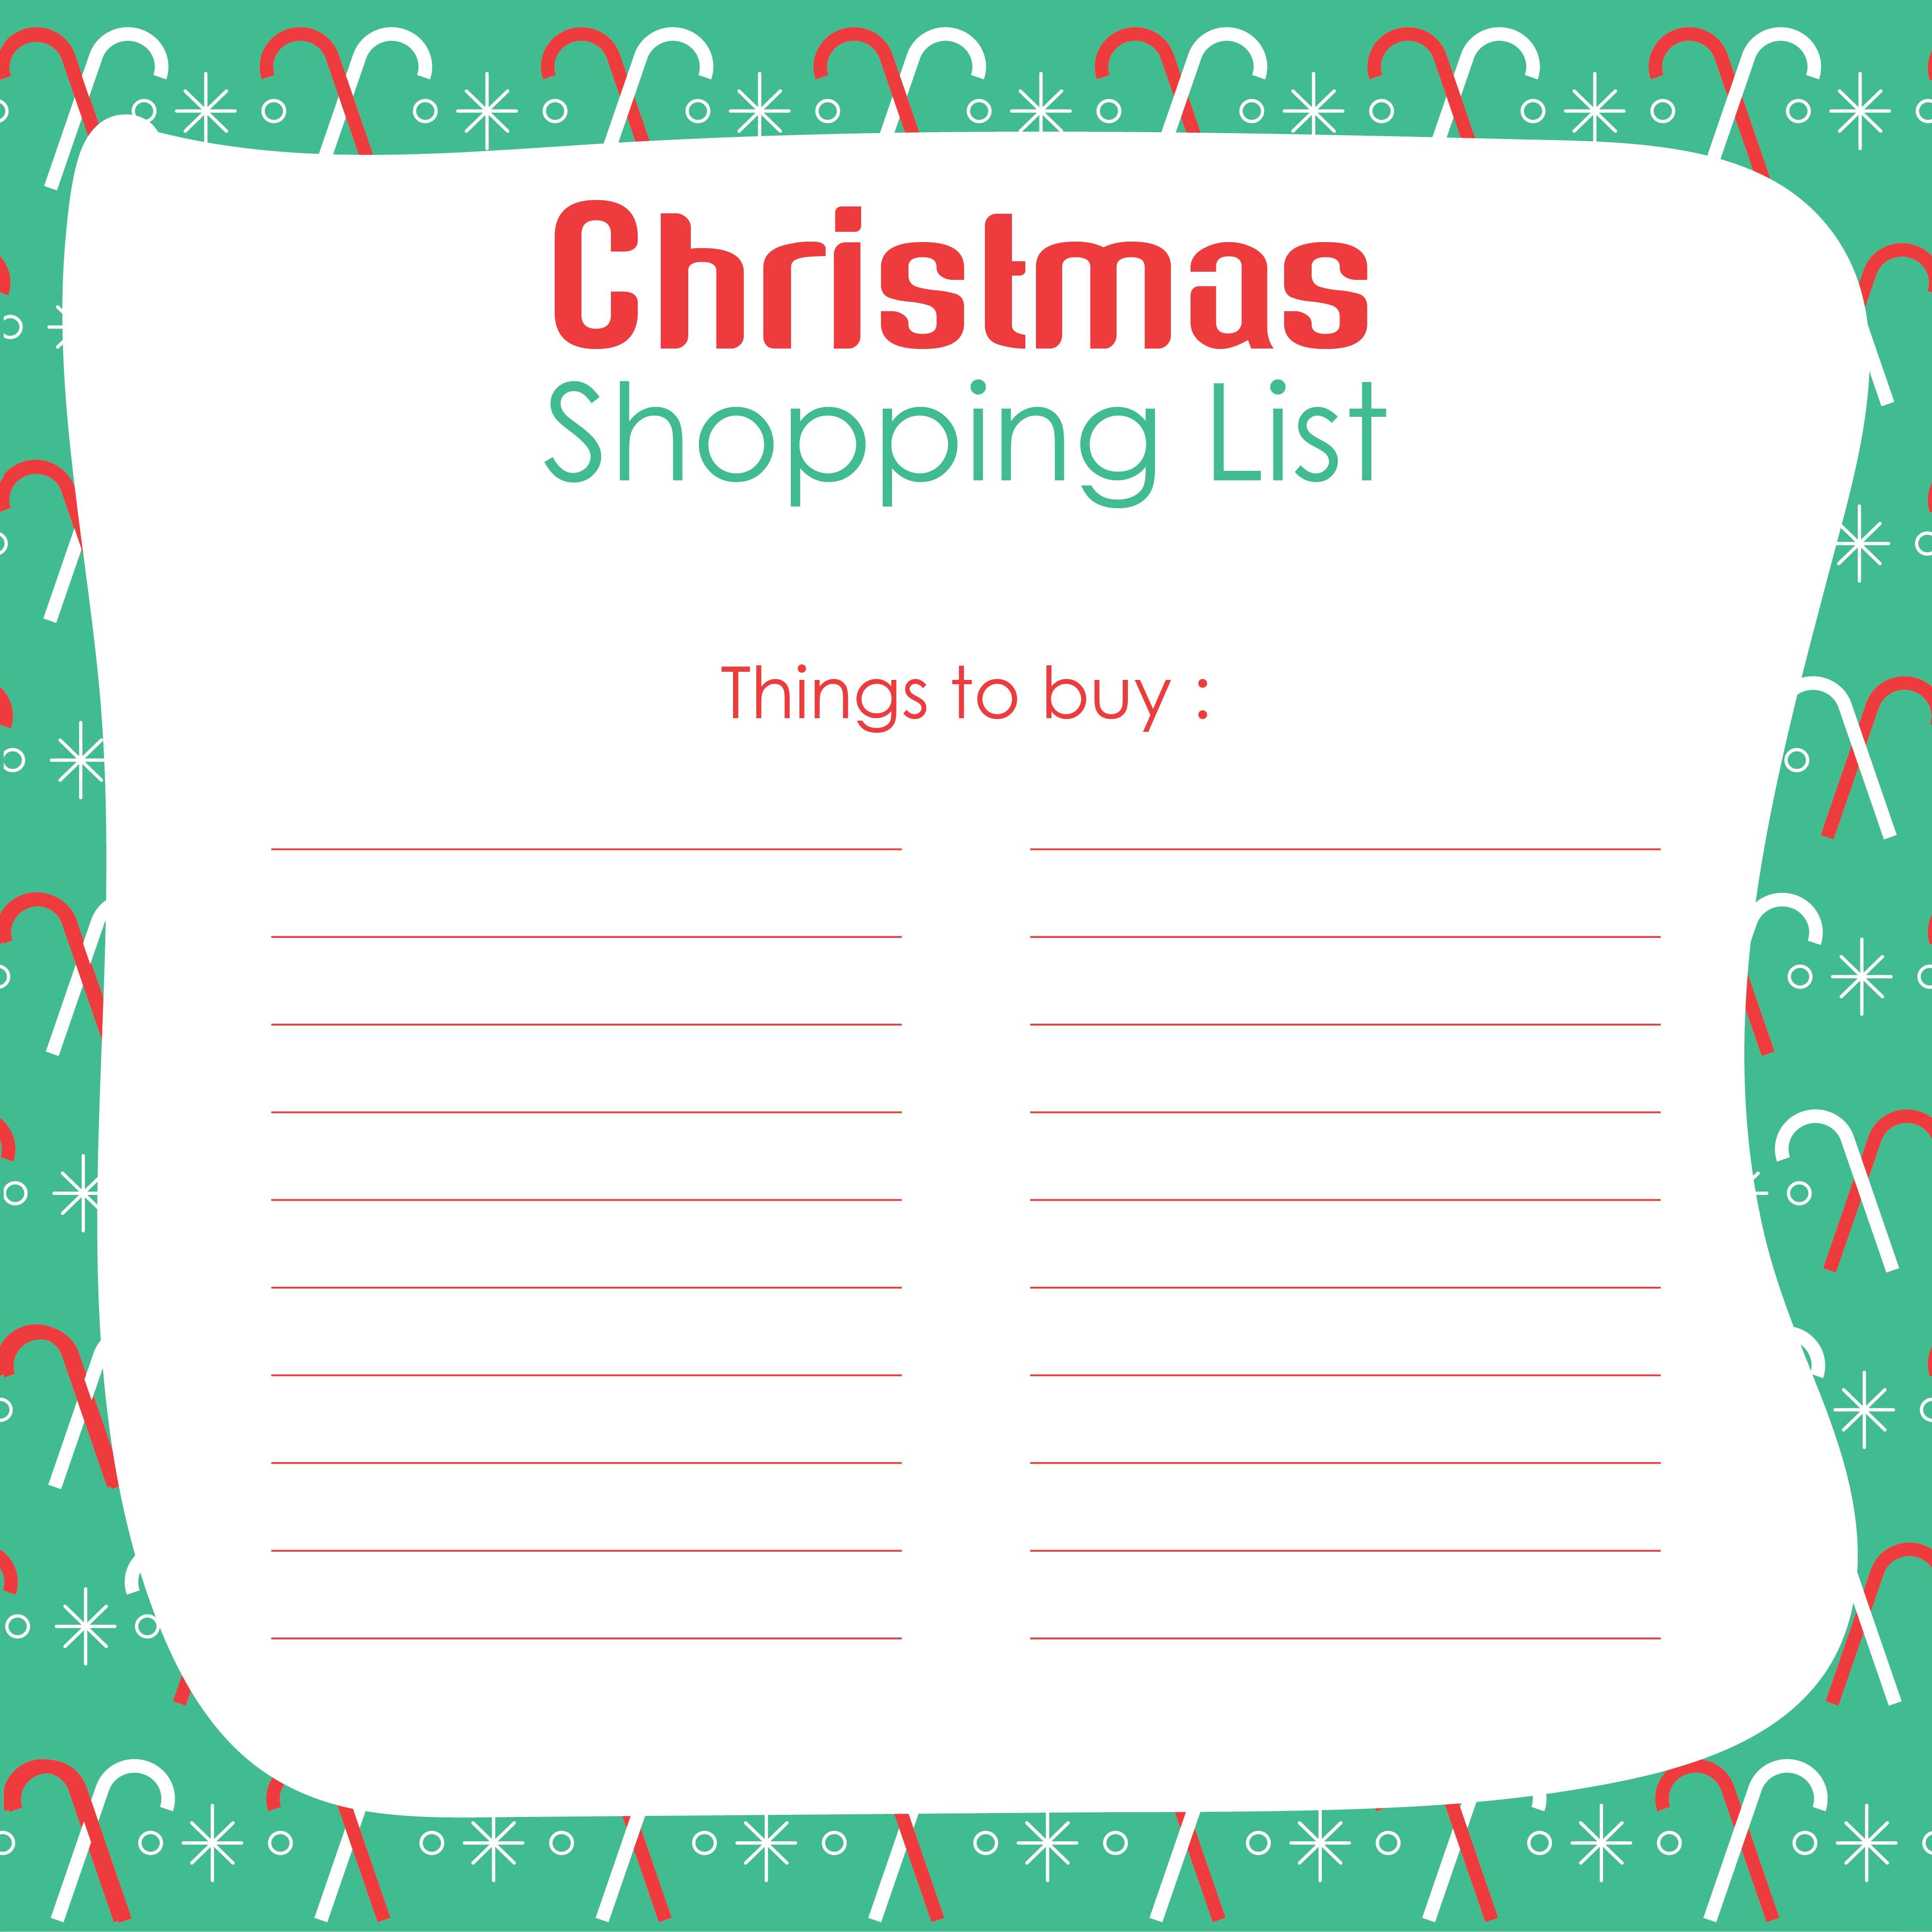 Christmas Shopping List Template Printable